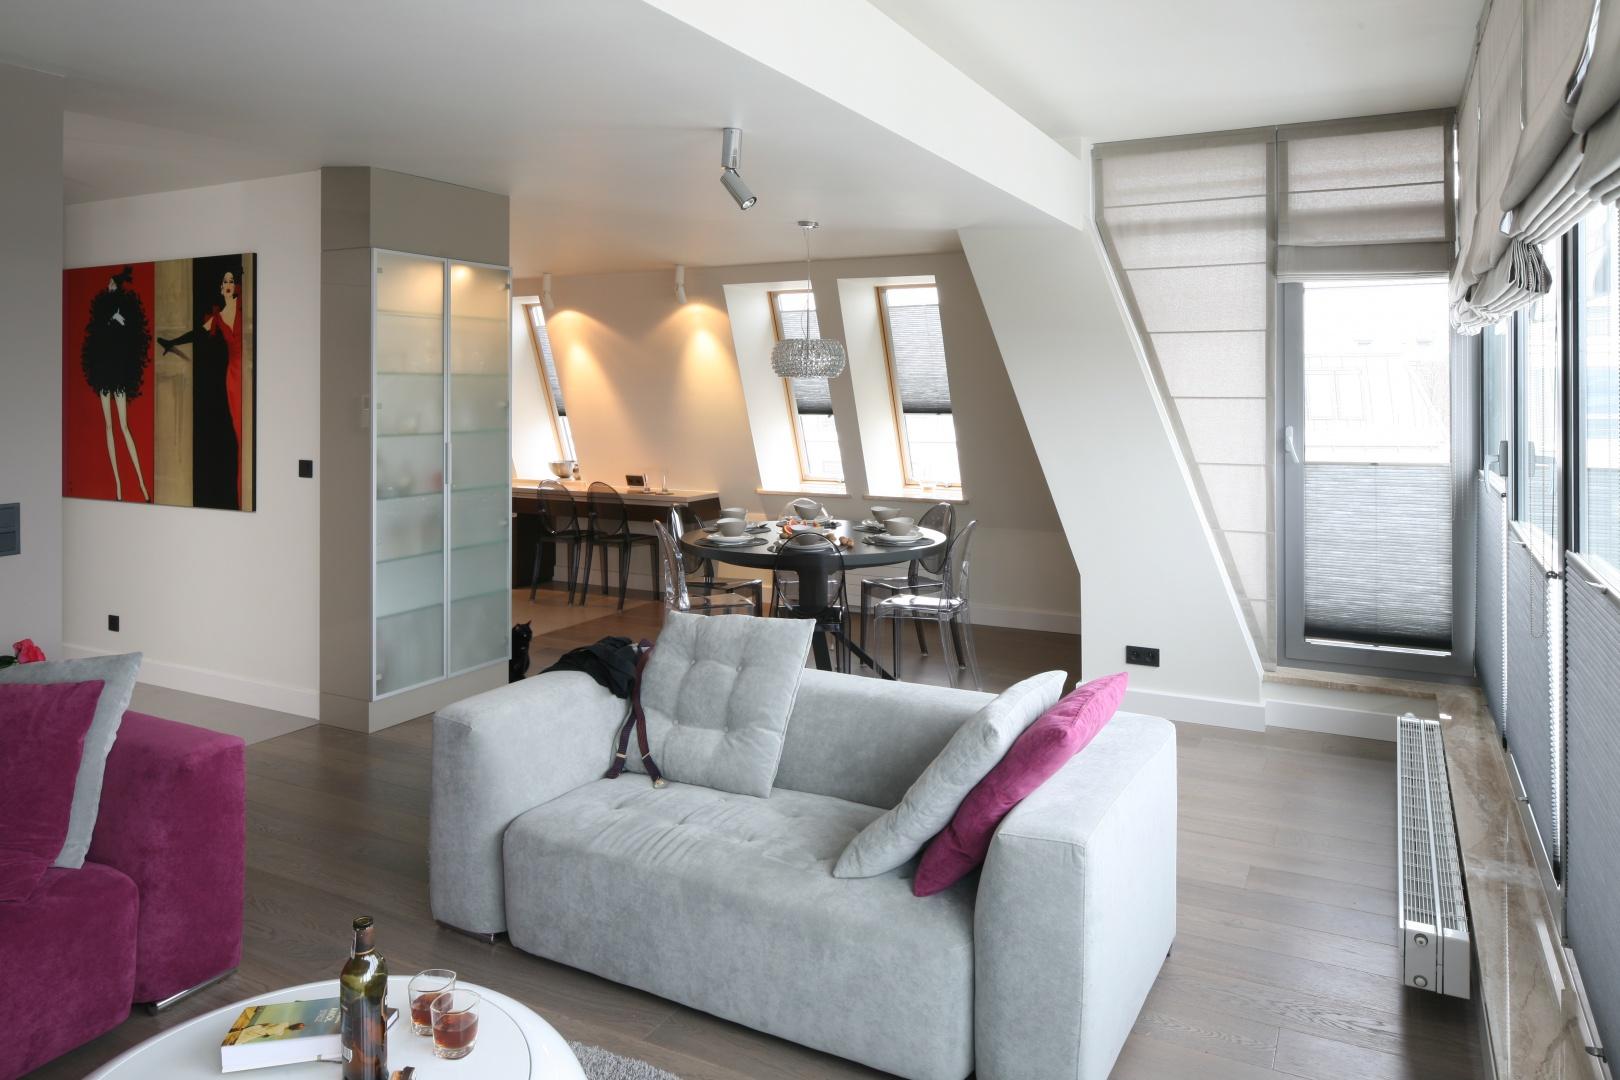 Liczne przeszklenie mieszkania na poddaszu pięknie otwierają przestrzeń na to, co na zewnątrz. Aby uchronić gospodarzy przed nadmiarem słońca, okna wyposażono w transparentne rolety. Projekt: Małgorzata Borzyszkowska. Fot. Bartosz Jarosz.